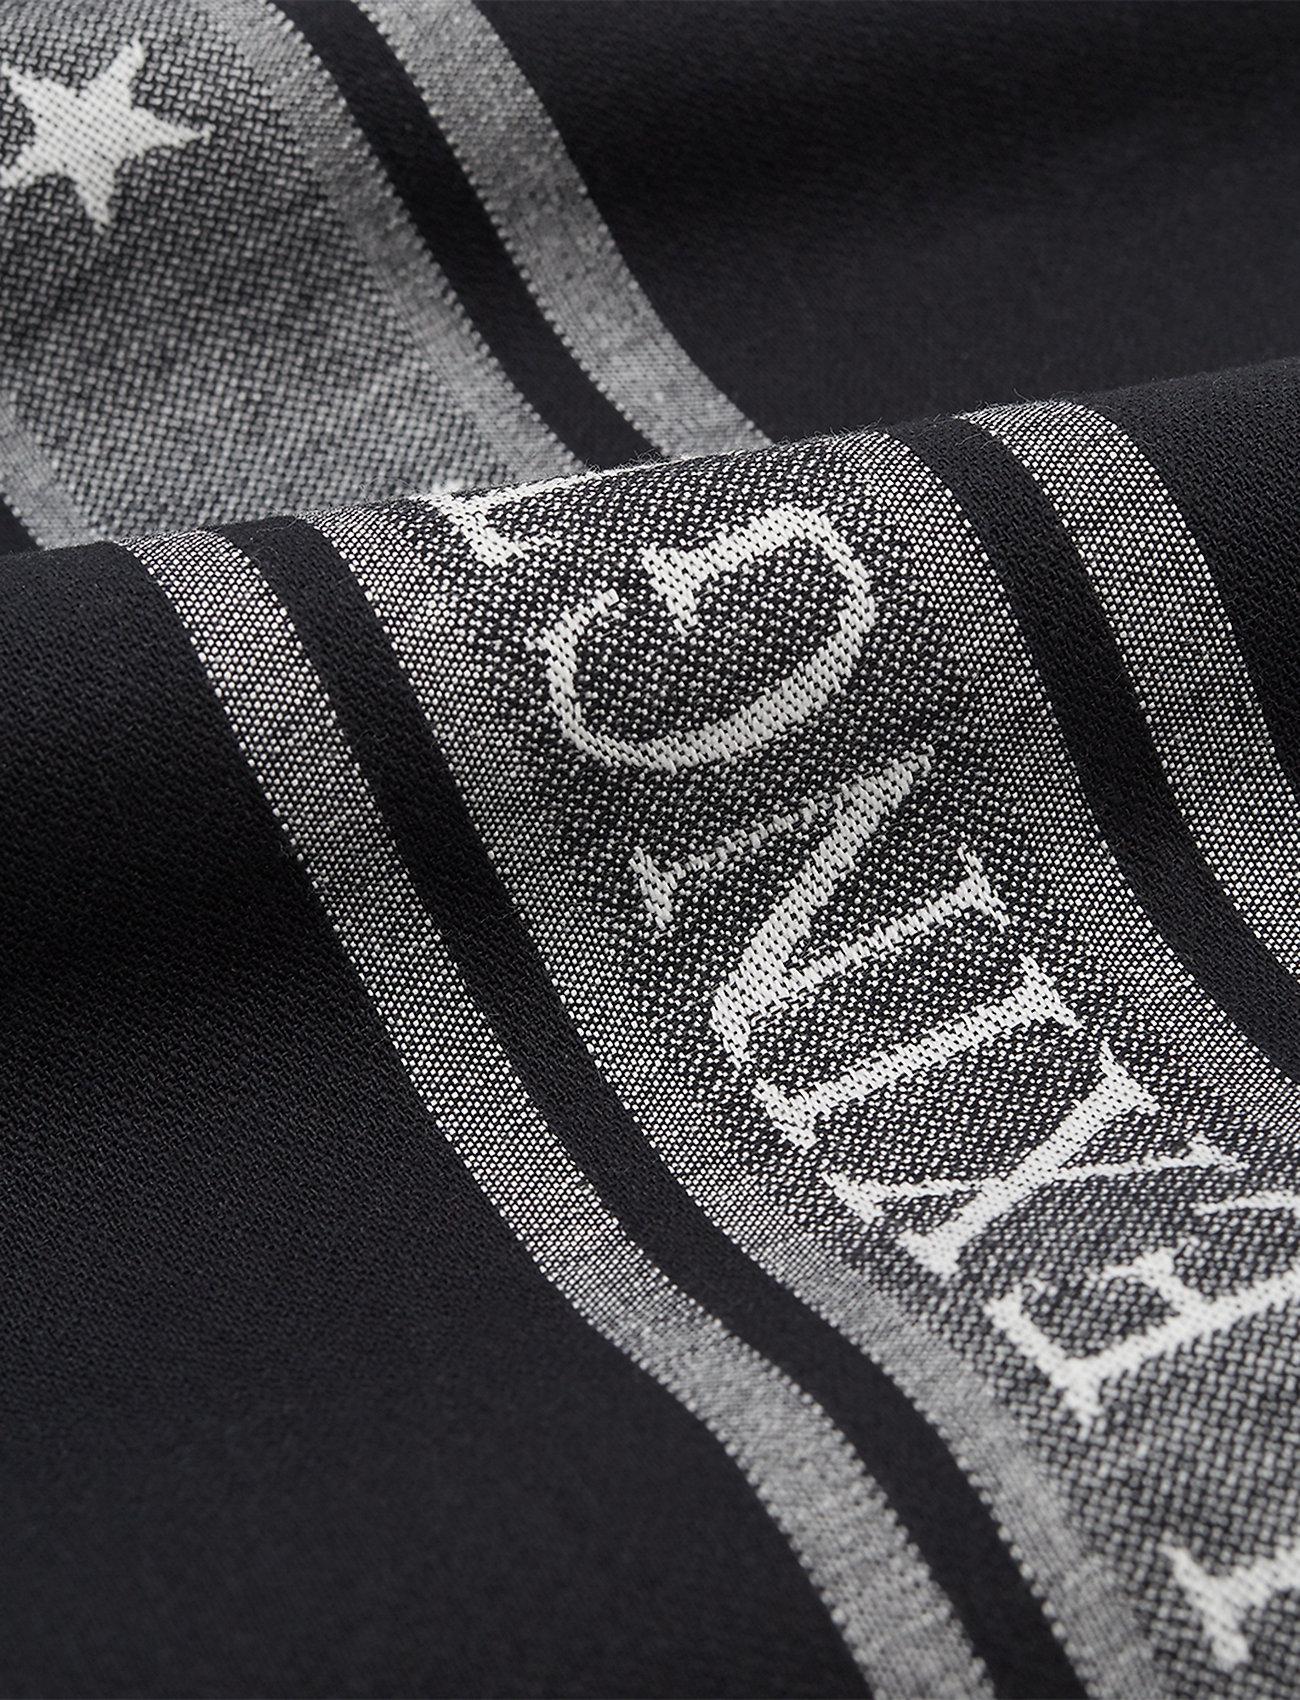 Lexington Home - Icons Cotton Jacquard Star Kitchen Towel - keittiöpyyhkeet - black/white - 1